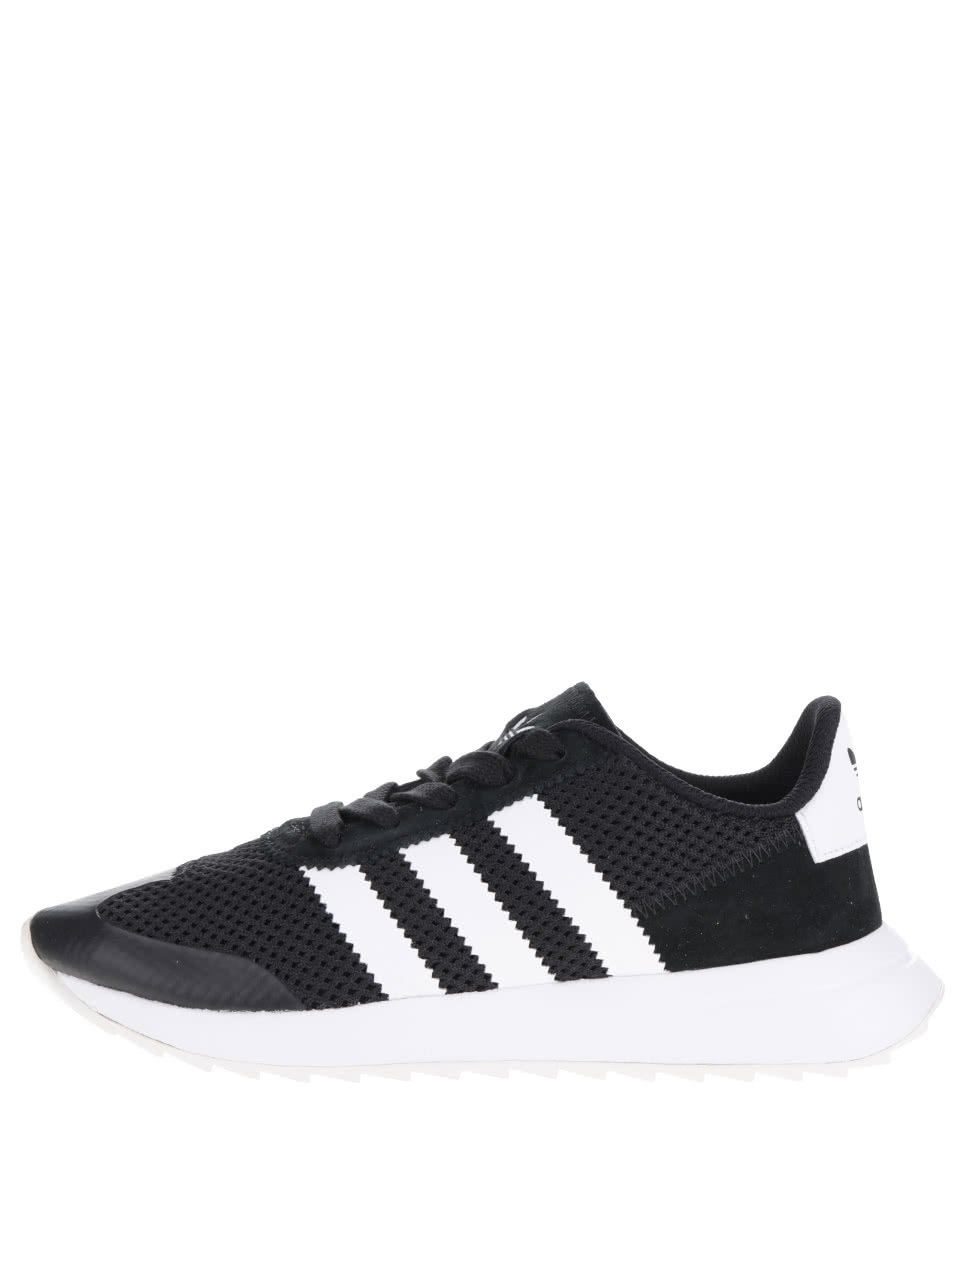 Bílo-černé dámské tenisky adidas Originals Flashback